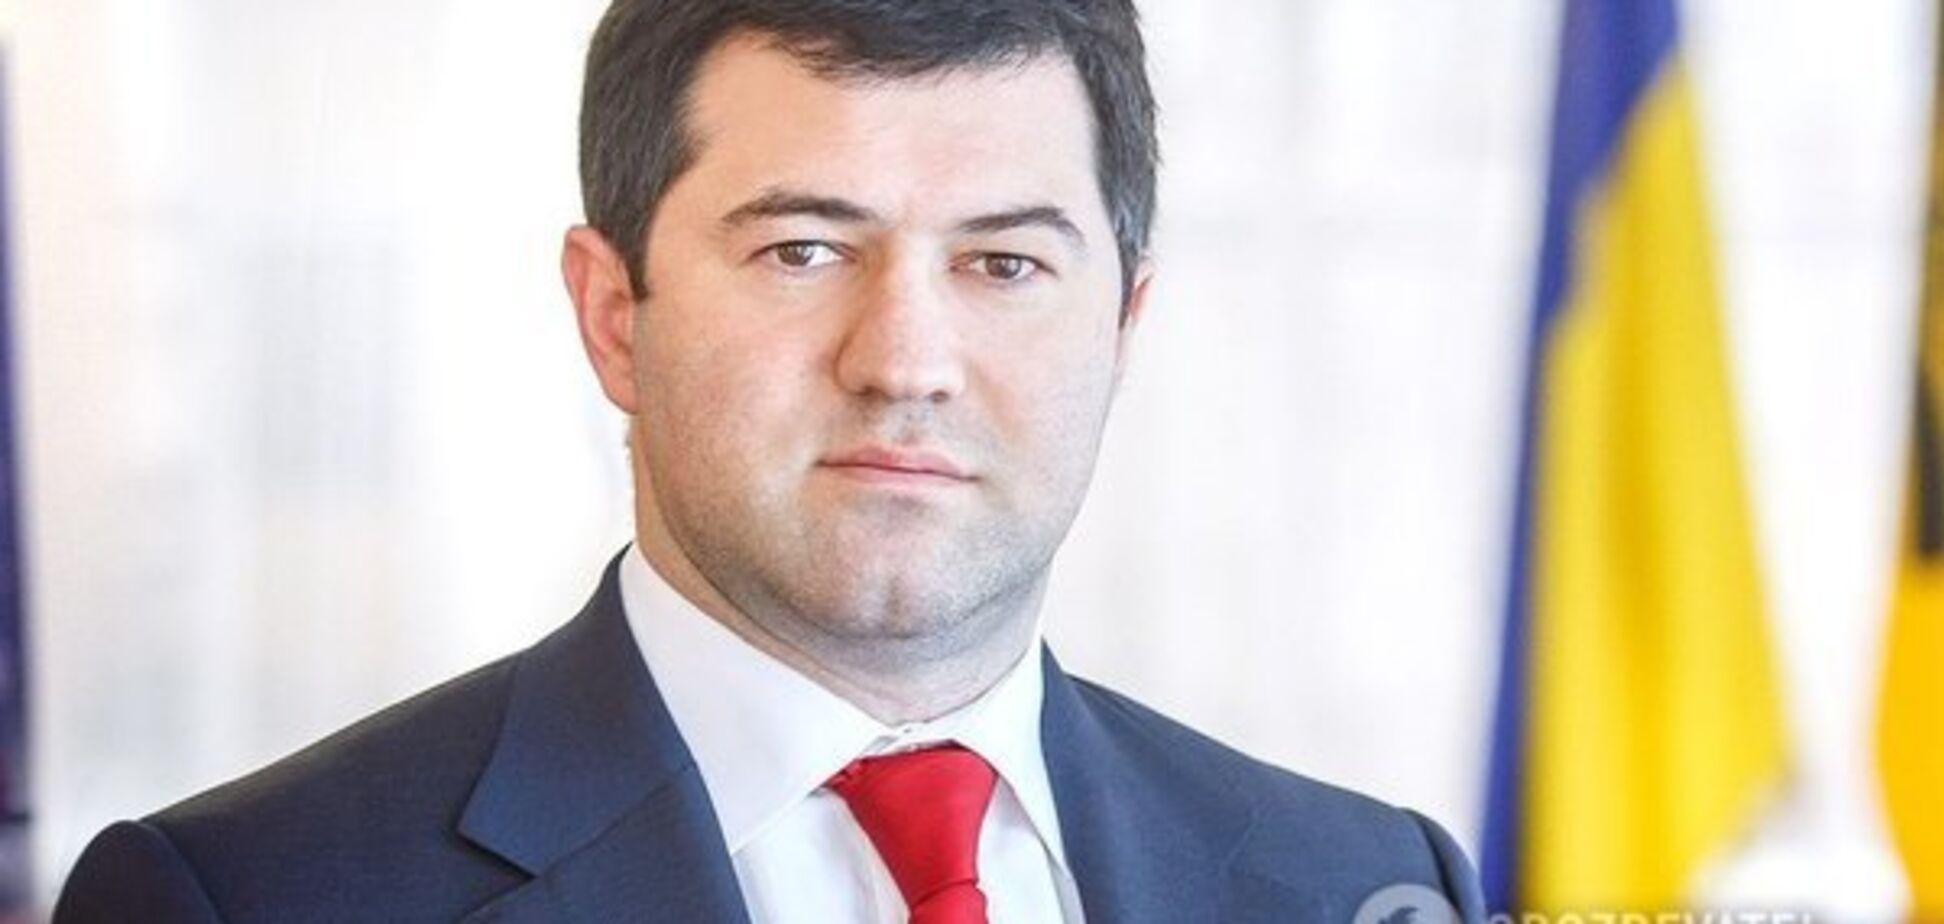 Намагання невиконання судового рішення про поновлення Насірова на посаді Голови ДФС —  це злочин